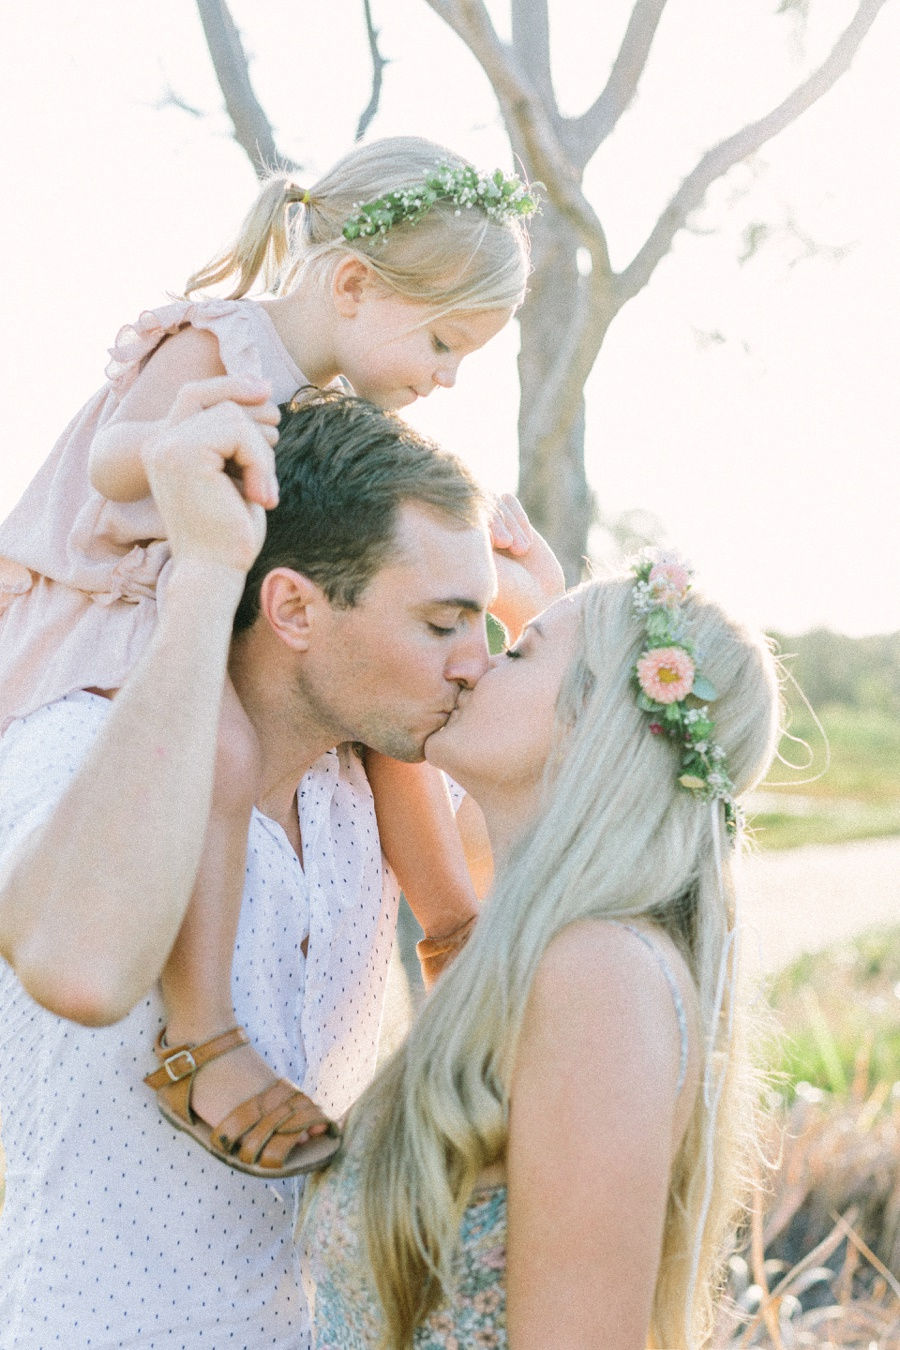 Brisbane-family-photographer_0091.jpg